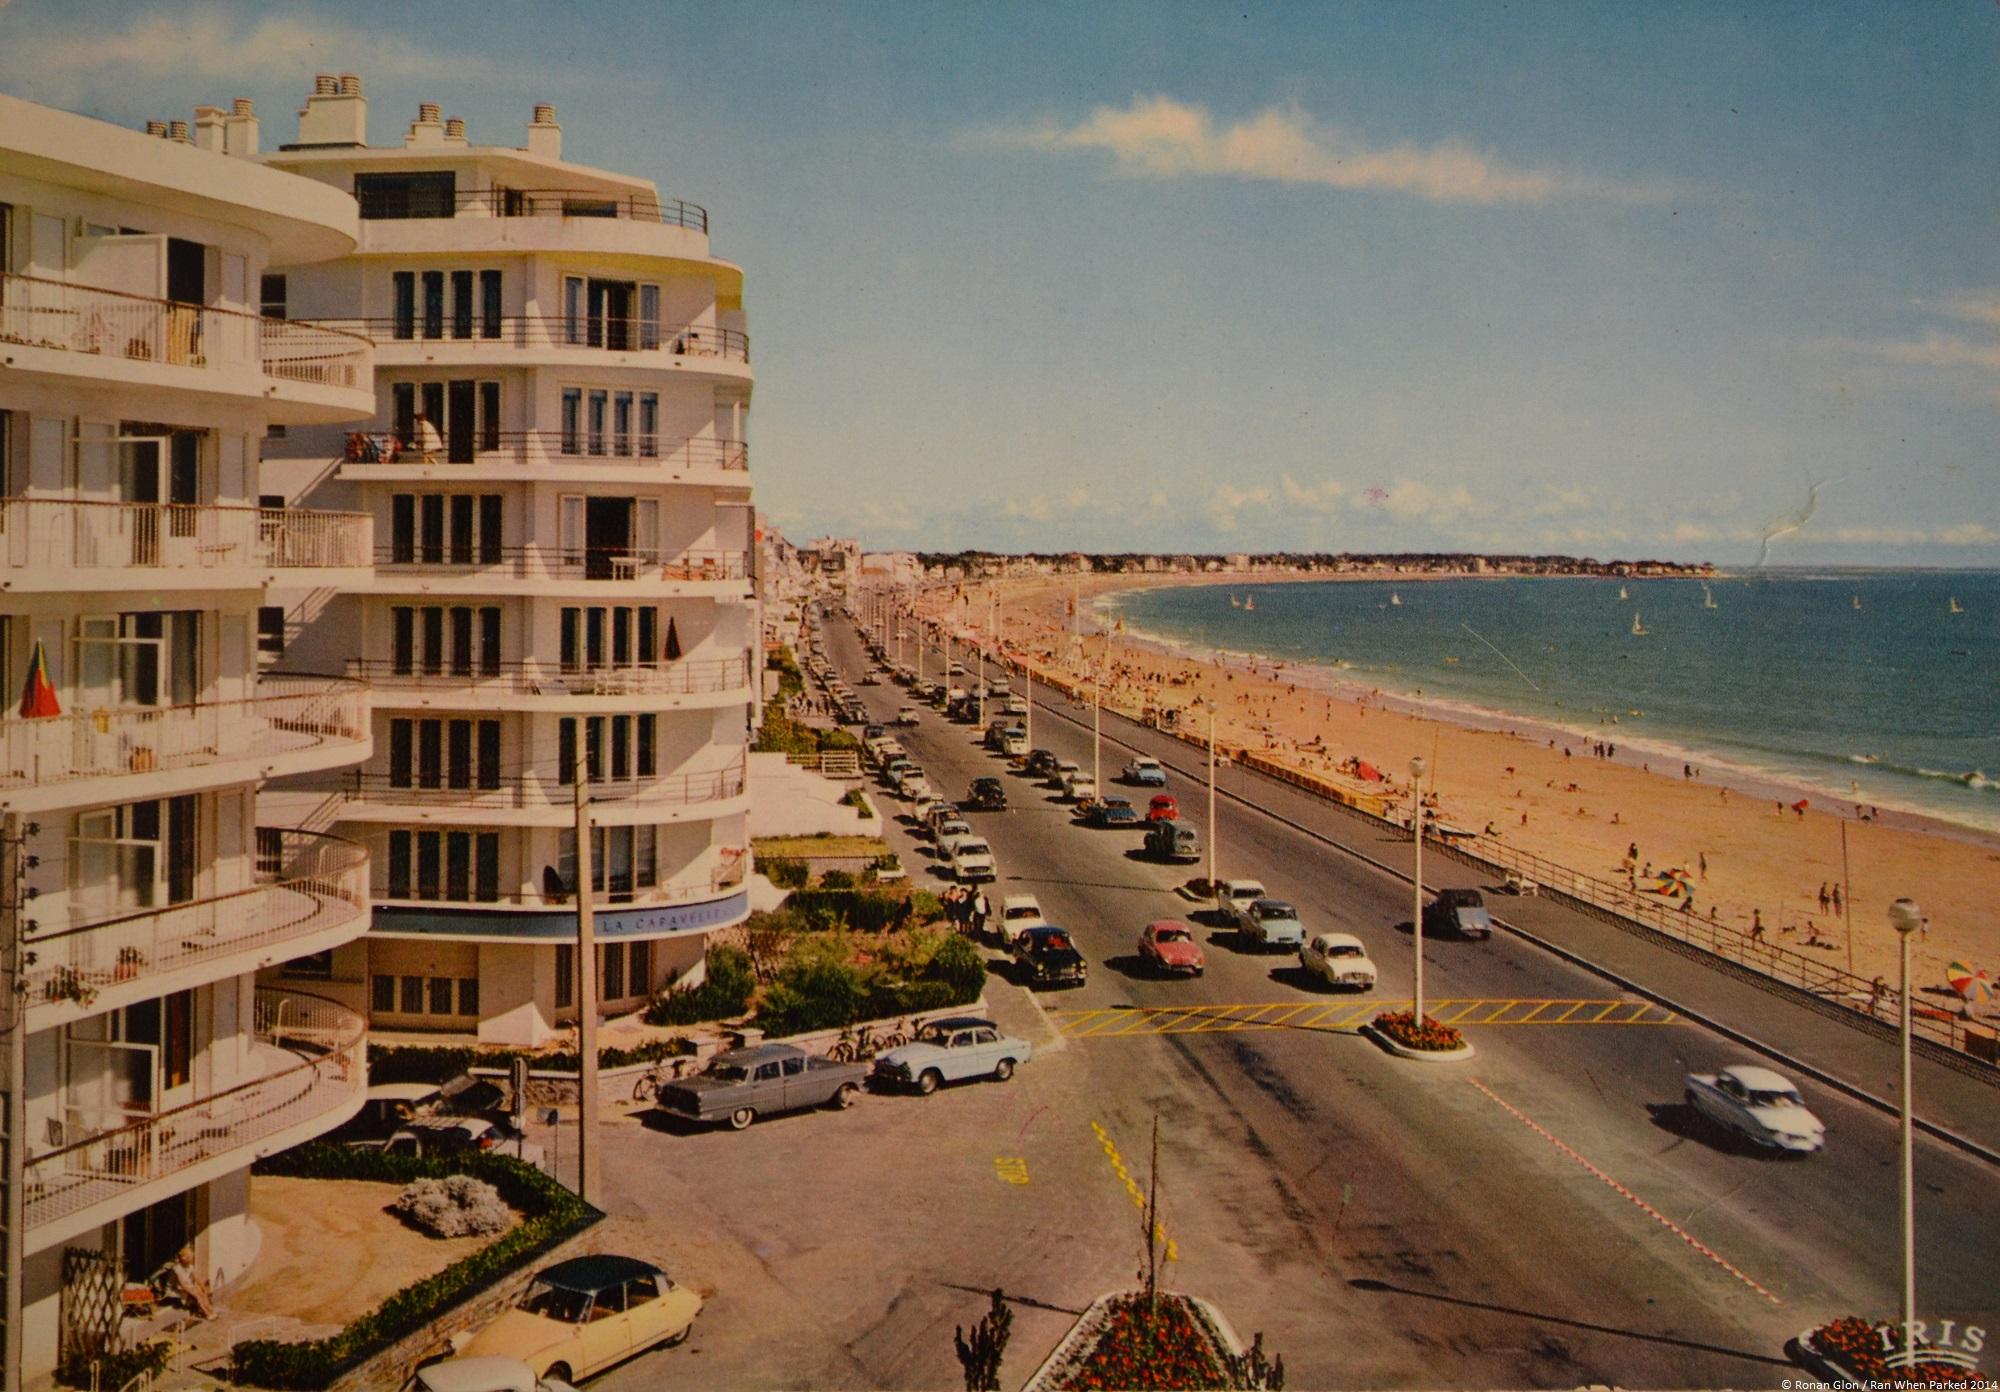 La Baule France  city photo : Rewind to La Baule, France, in the late 1960s / early 1970s | Ran When ...